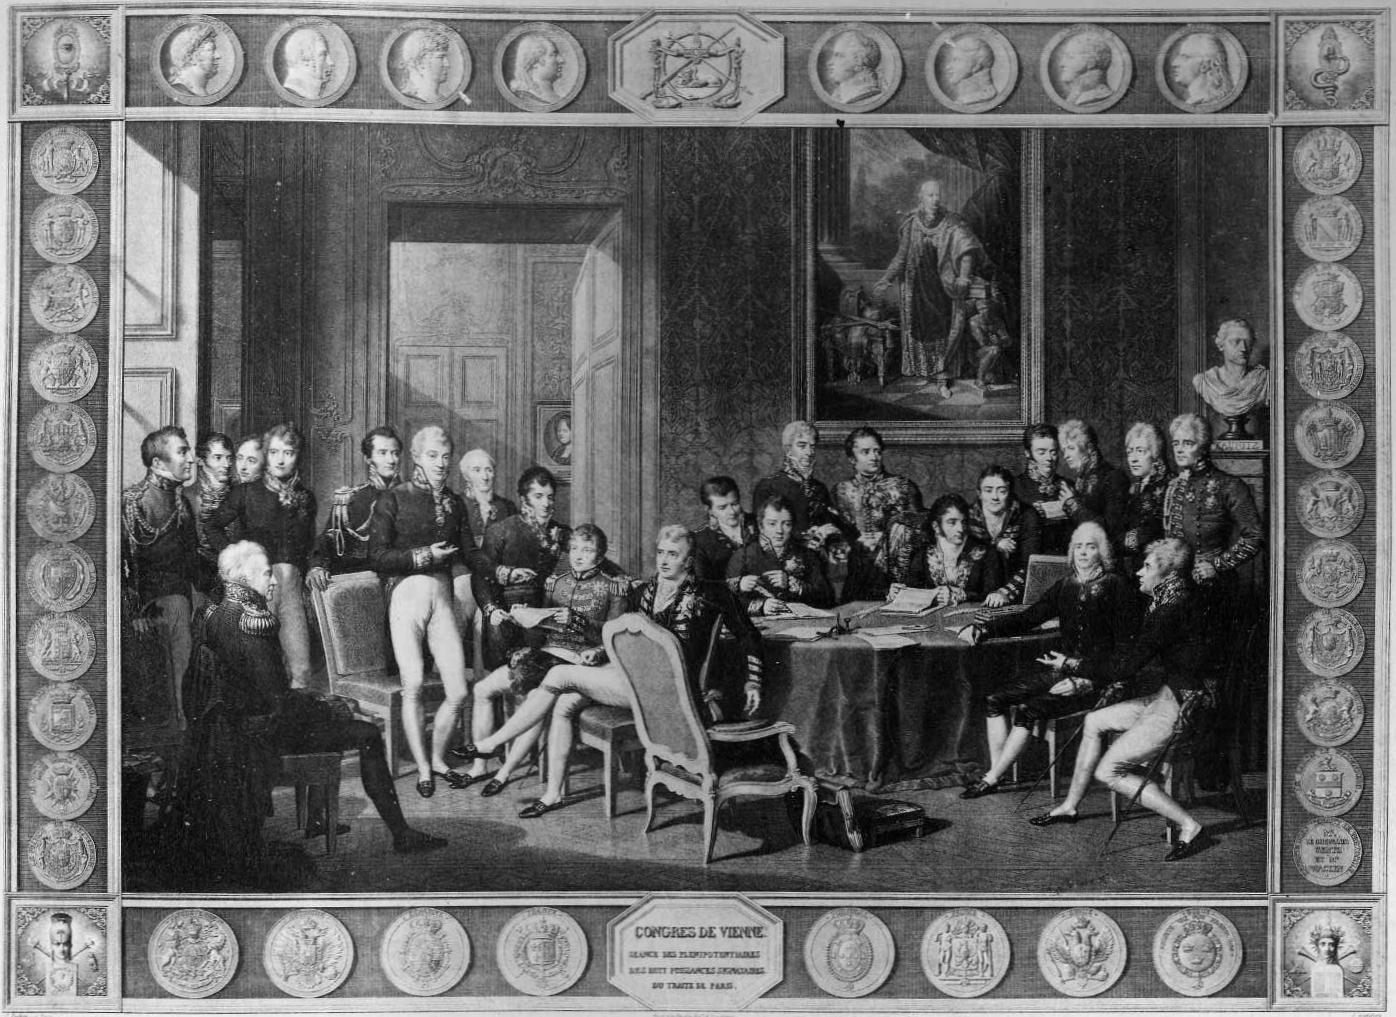 File:Congresso de Viena, 1819.jpg